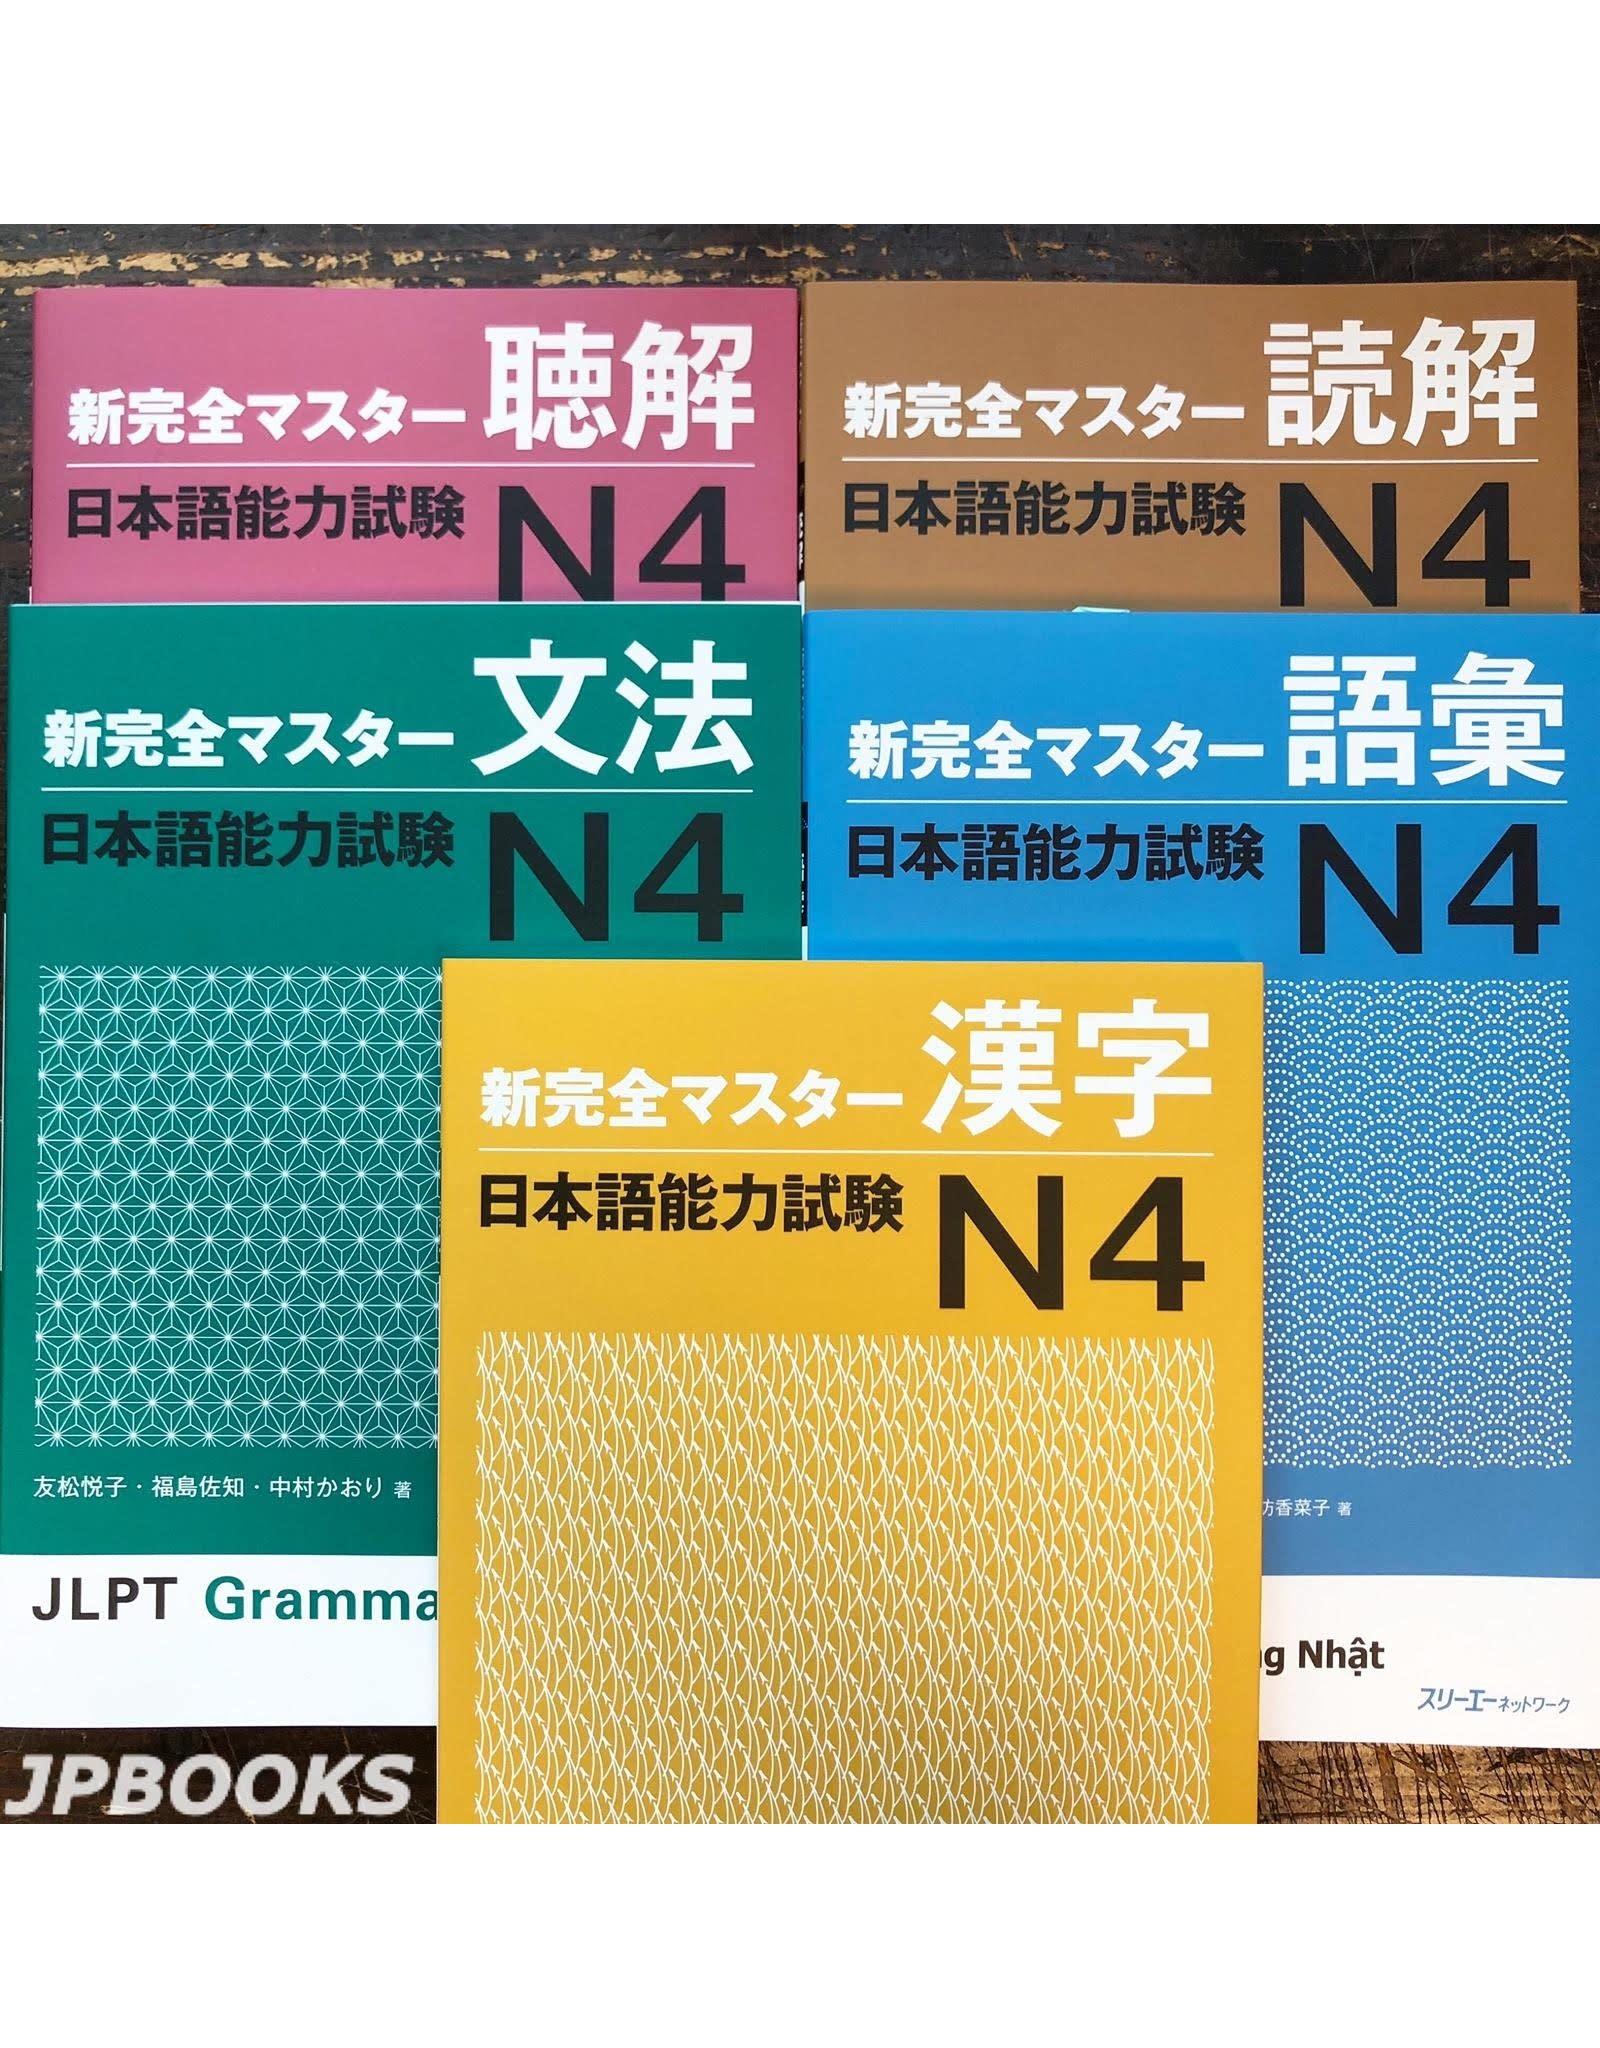 3A Corporation NEW KANZEN MASTER JLPT N4  SET ( BUNPO, CHOKAI, DOKKAI, KANJI, GOI)